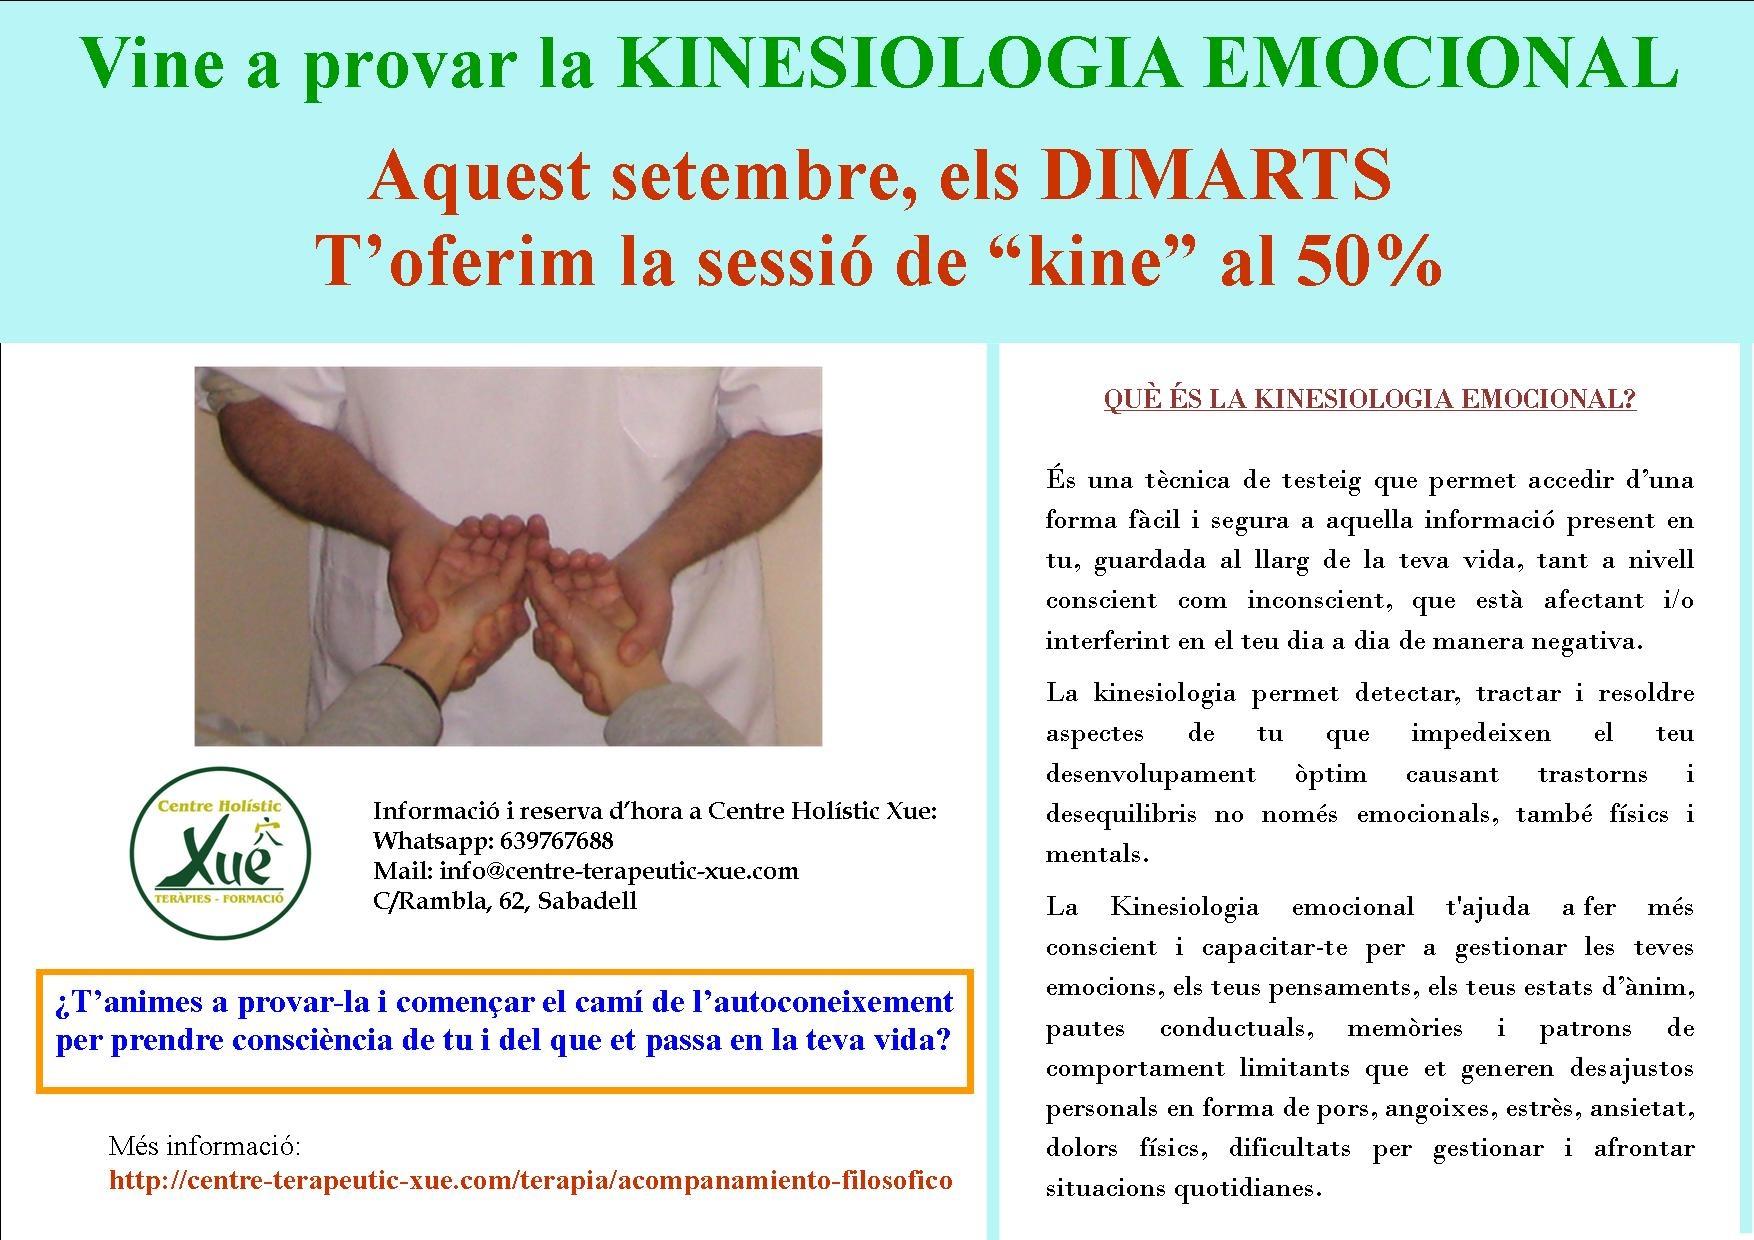 kinesología emocional promoción setembre 2017